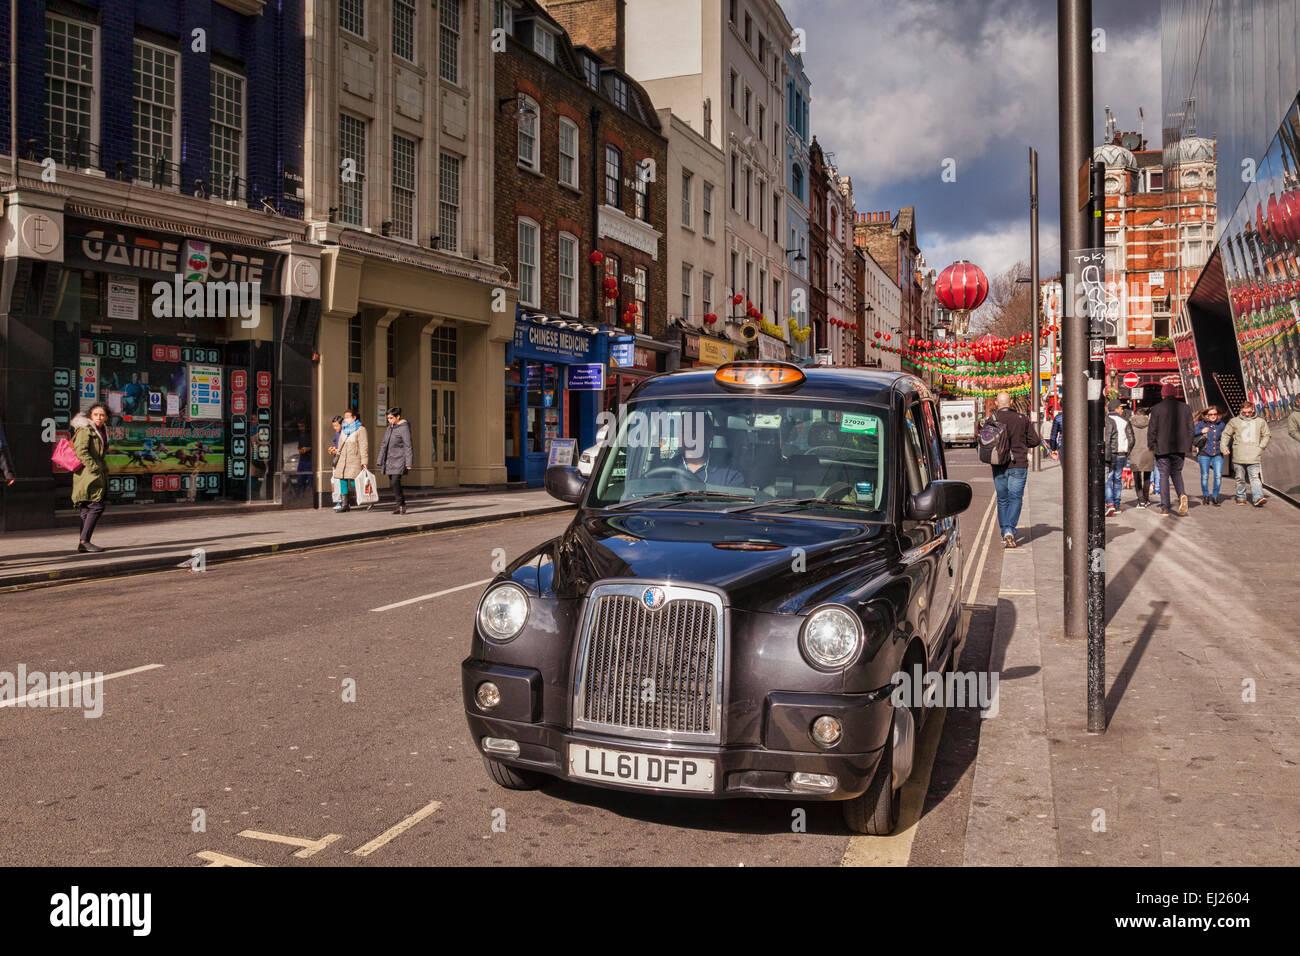 Londres taxi, Chinatown, Londres, Inglaterra. Imagen De Stock